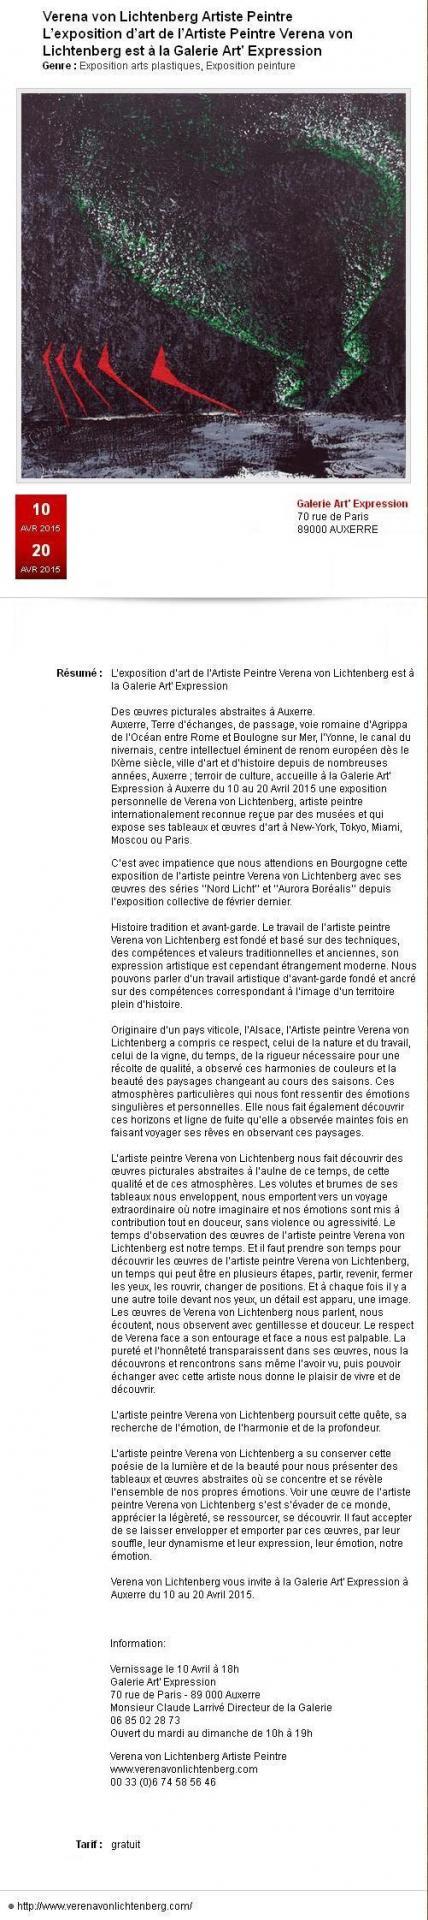 I nord licht die ausstellung der artiste peintre verena von lichtenberg in der kunst galerie art expression des tableaux et oeuvres d art